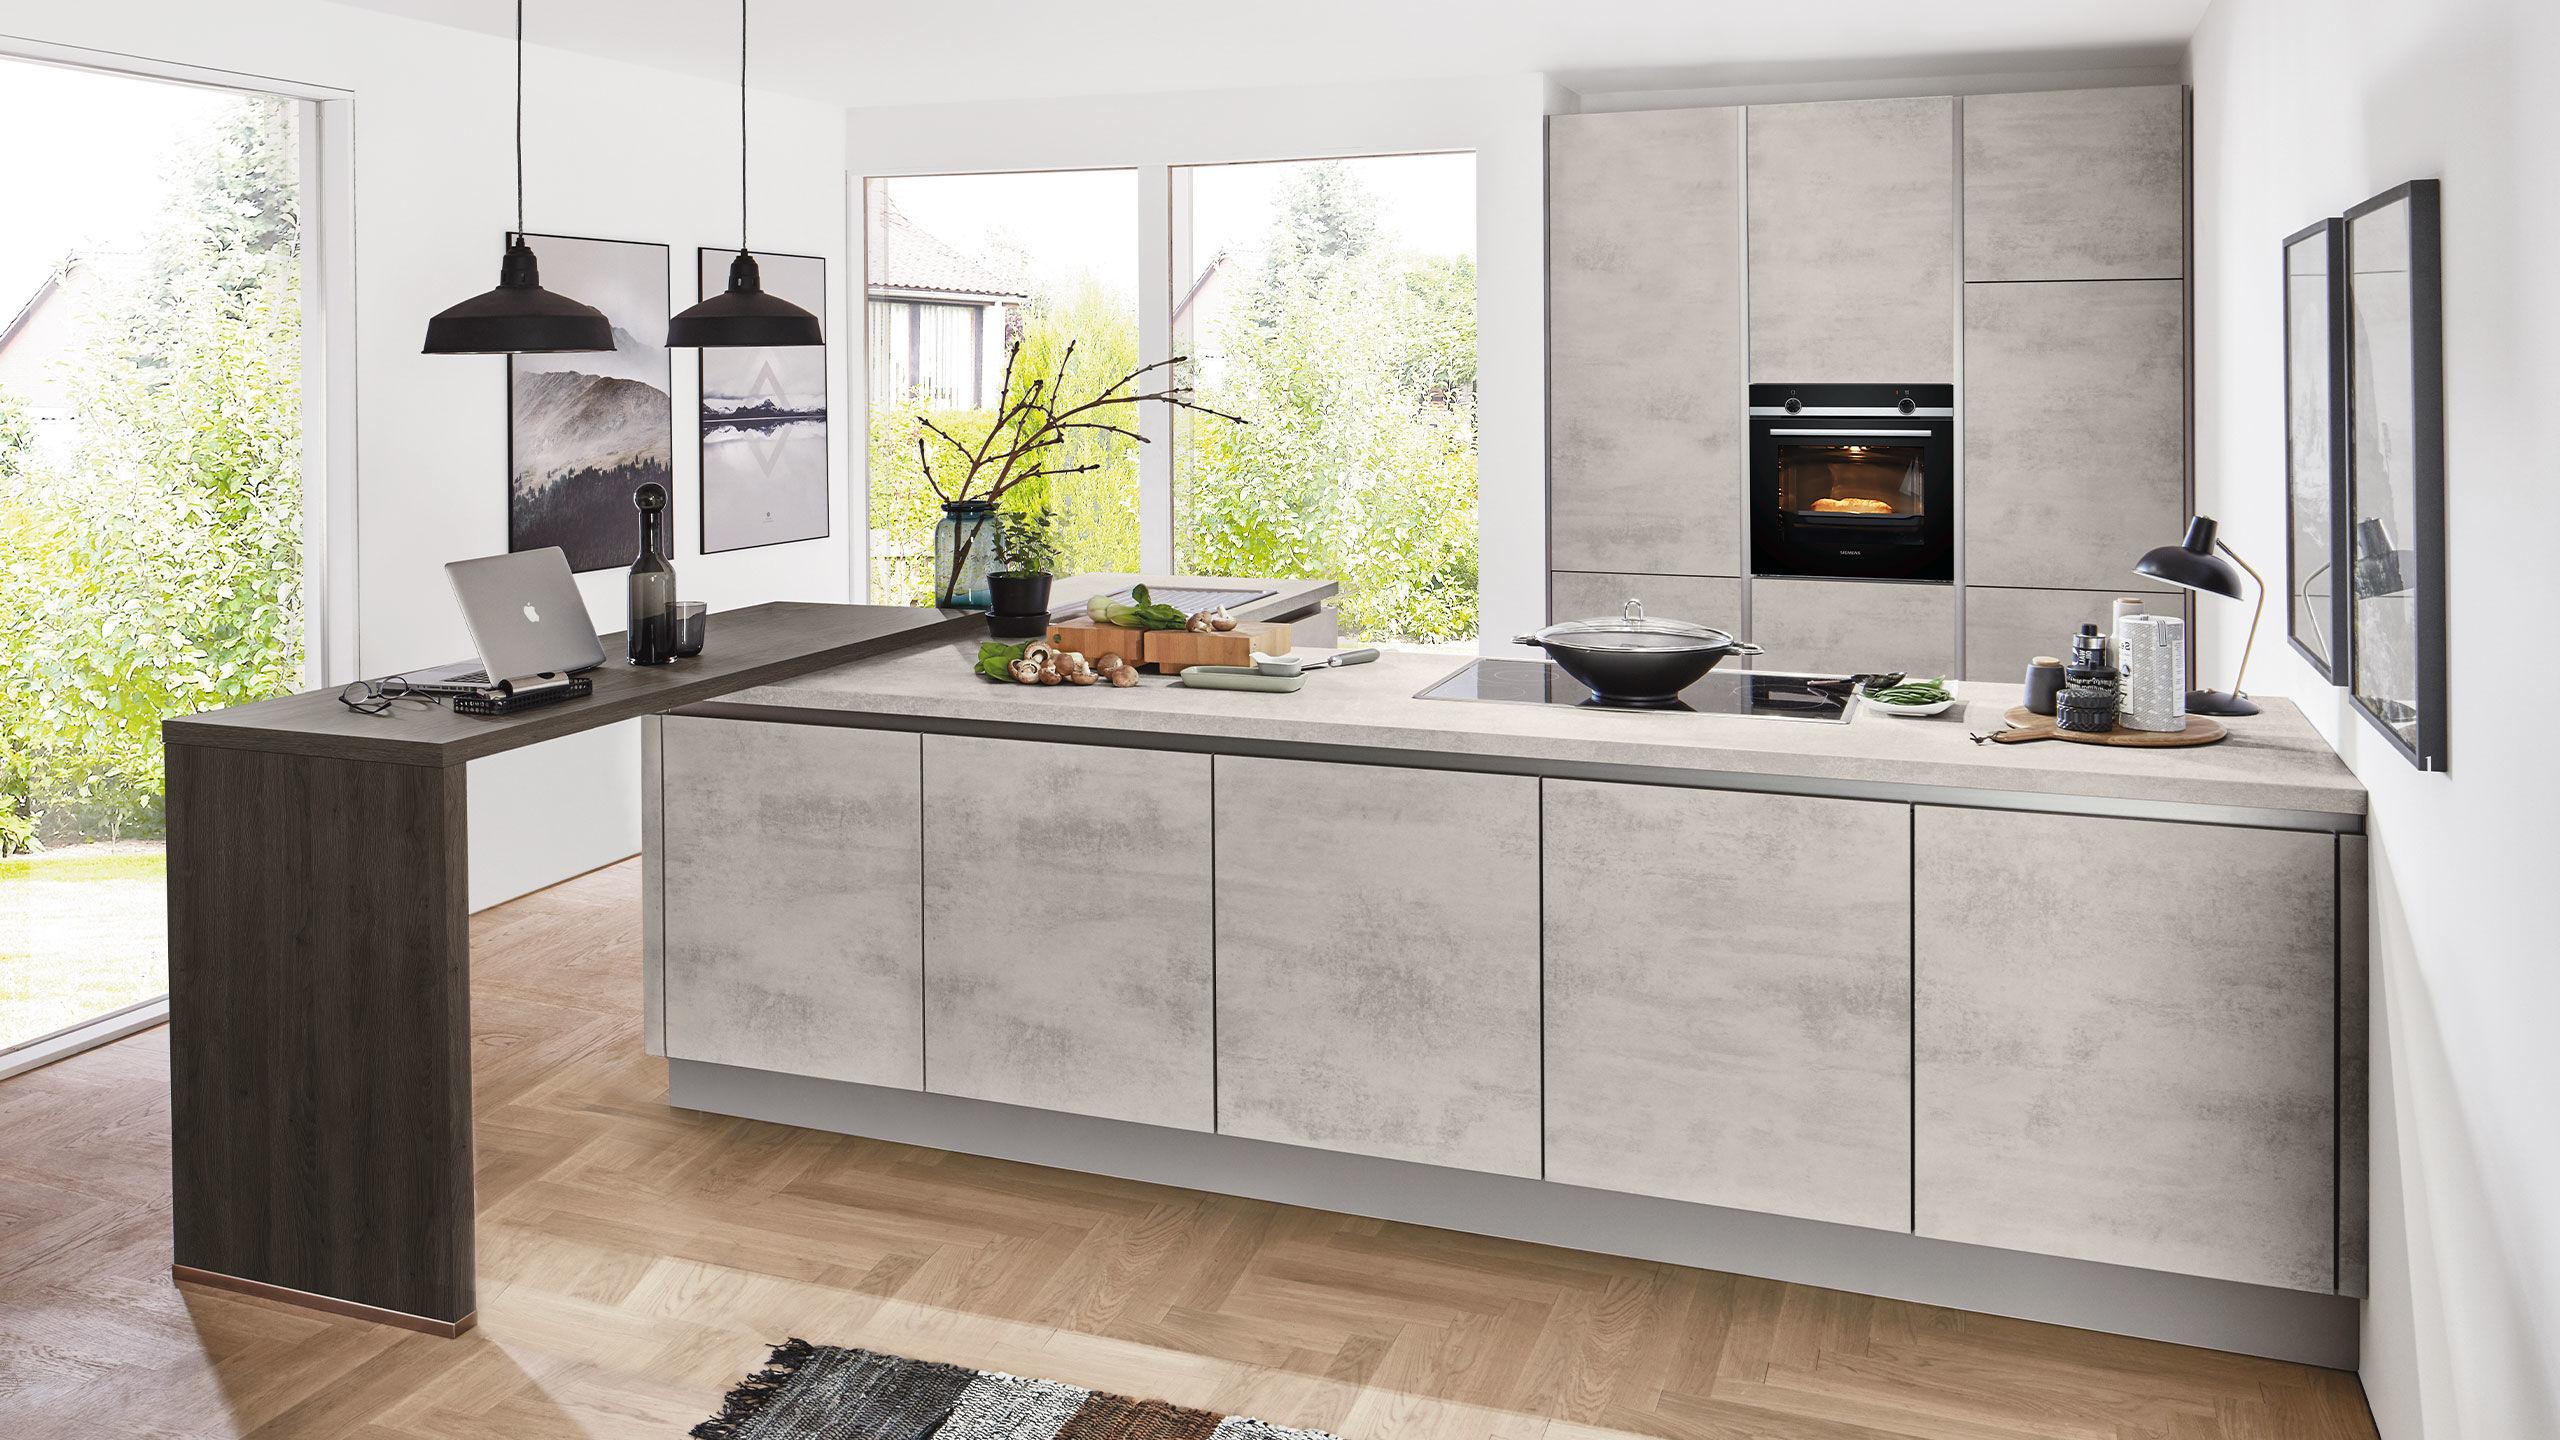 Full Size of Tapete Betonoptik Küche Betonoptik Küche Ikea Betonoptik Putz Küche Betonoptik In Der Küche Küche Betonoptik Küche